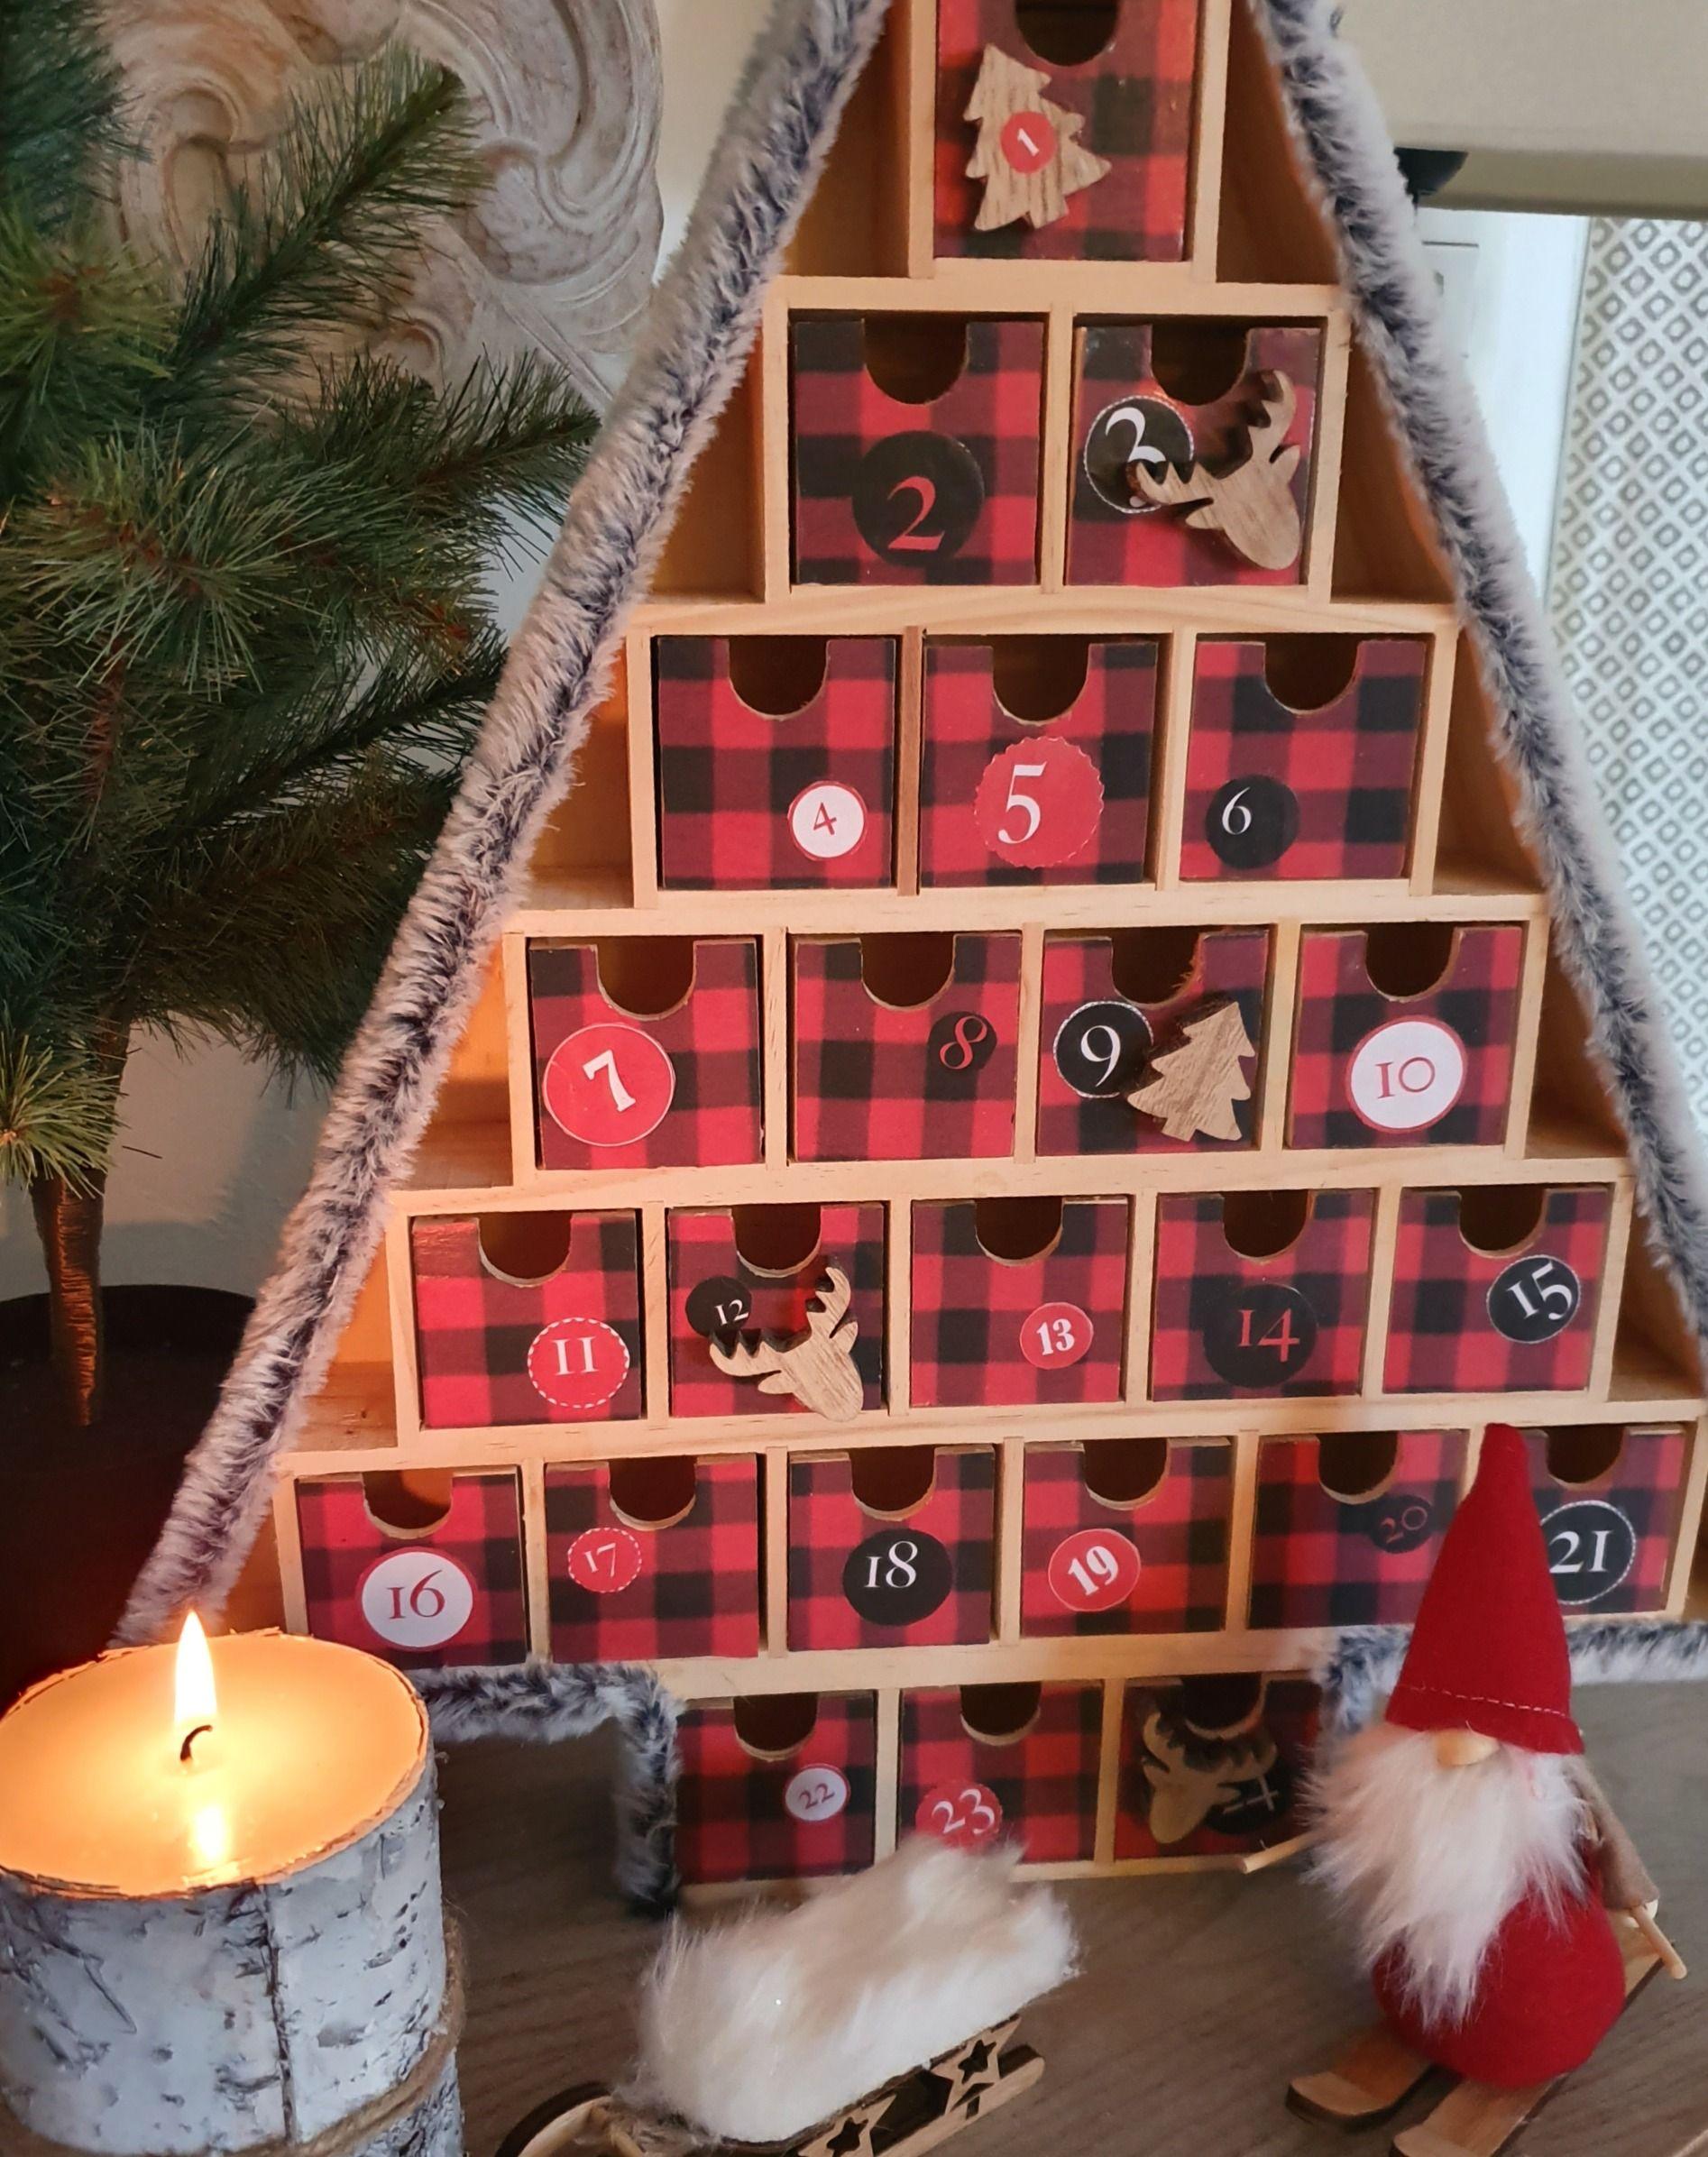 Christmas Tree, un calendrier de l'avent qui sent bon le Canada. #bonpourcalendrierdelavent